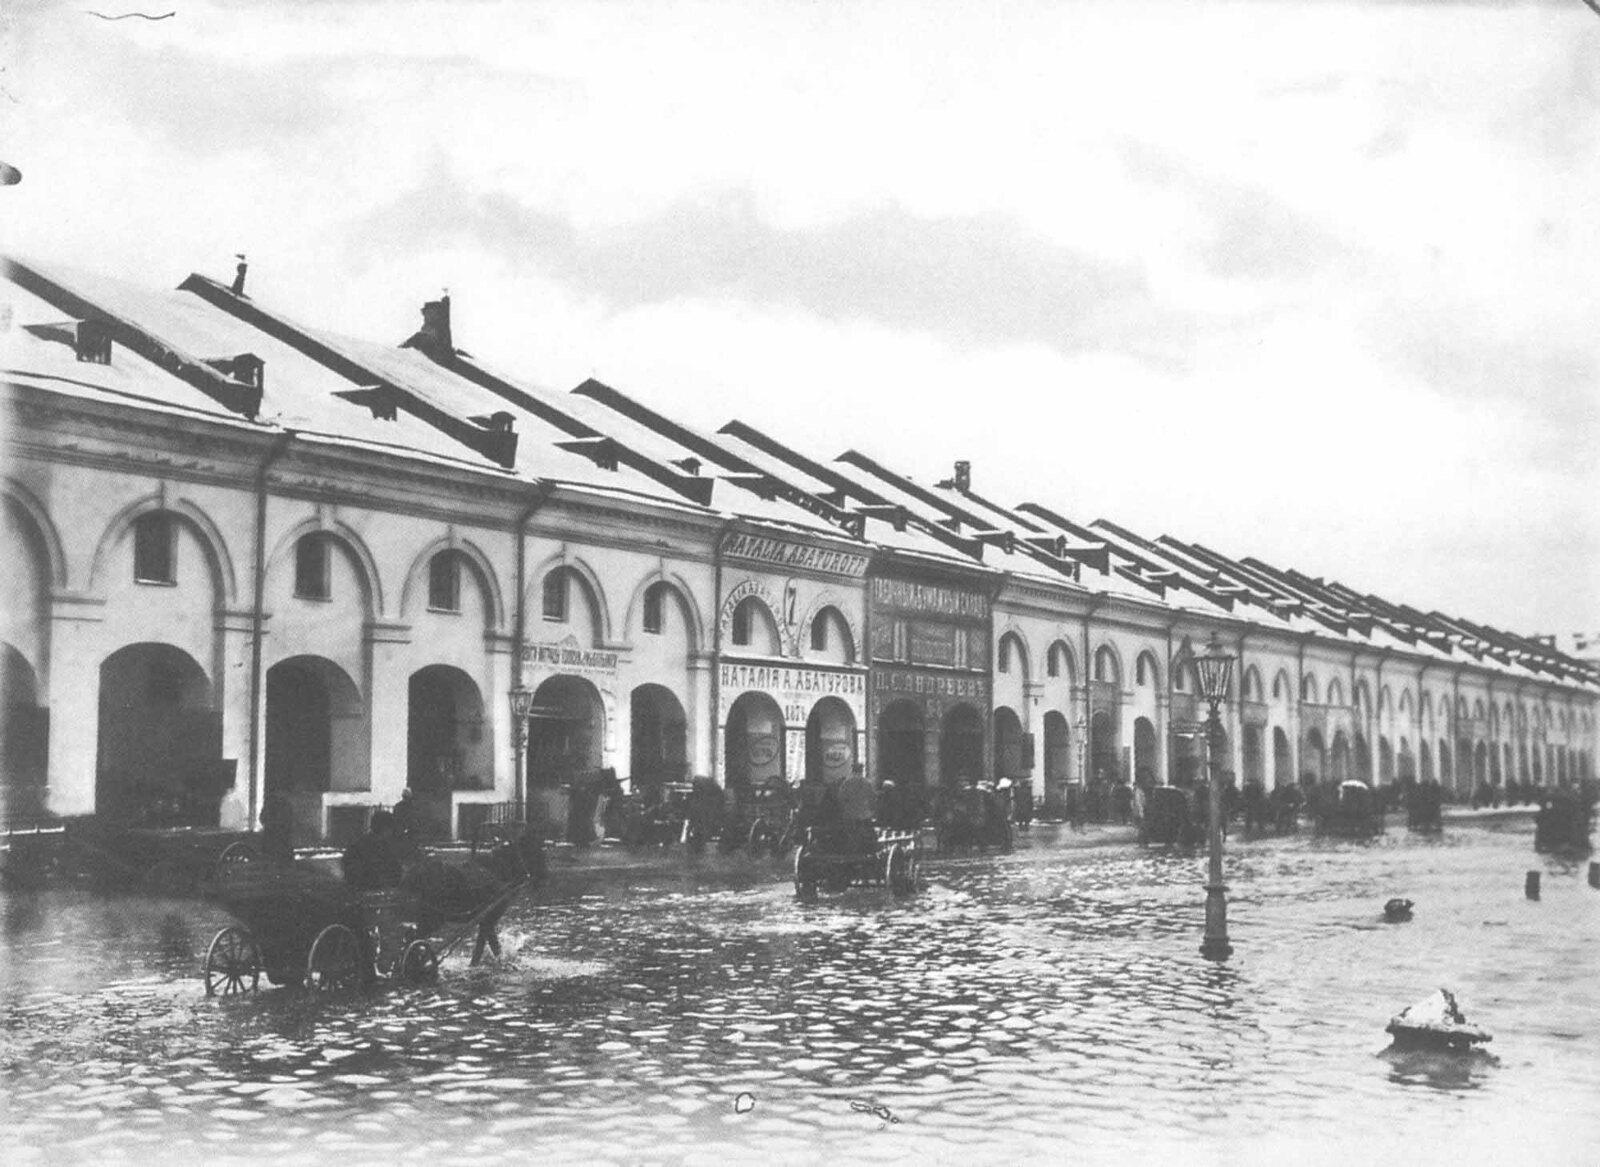 1903. Наводнение. Садовая улица, Никольский рынок. 12 октября